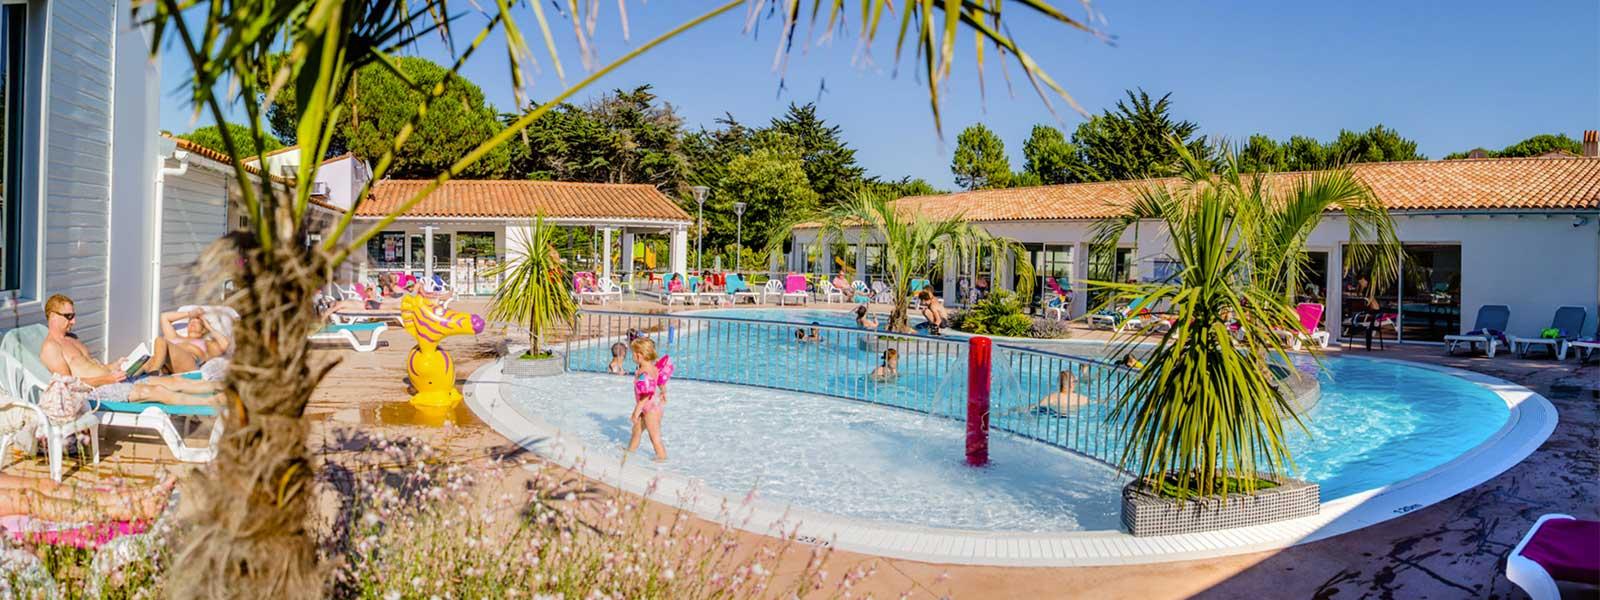 Camping Ile De Ré 4 Étoiles Au Bois Plage En Ré En Charente ... pour Camping Ile De Ré Avec Piscine Couverte